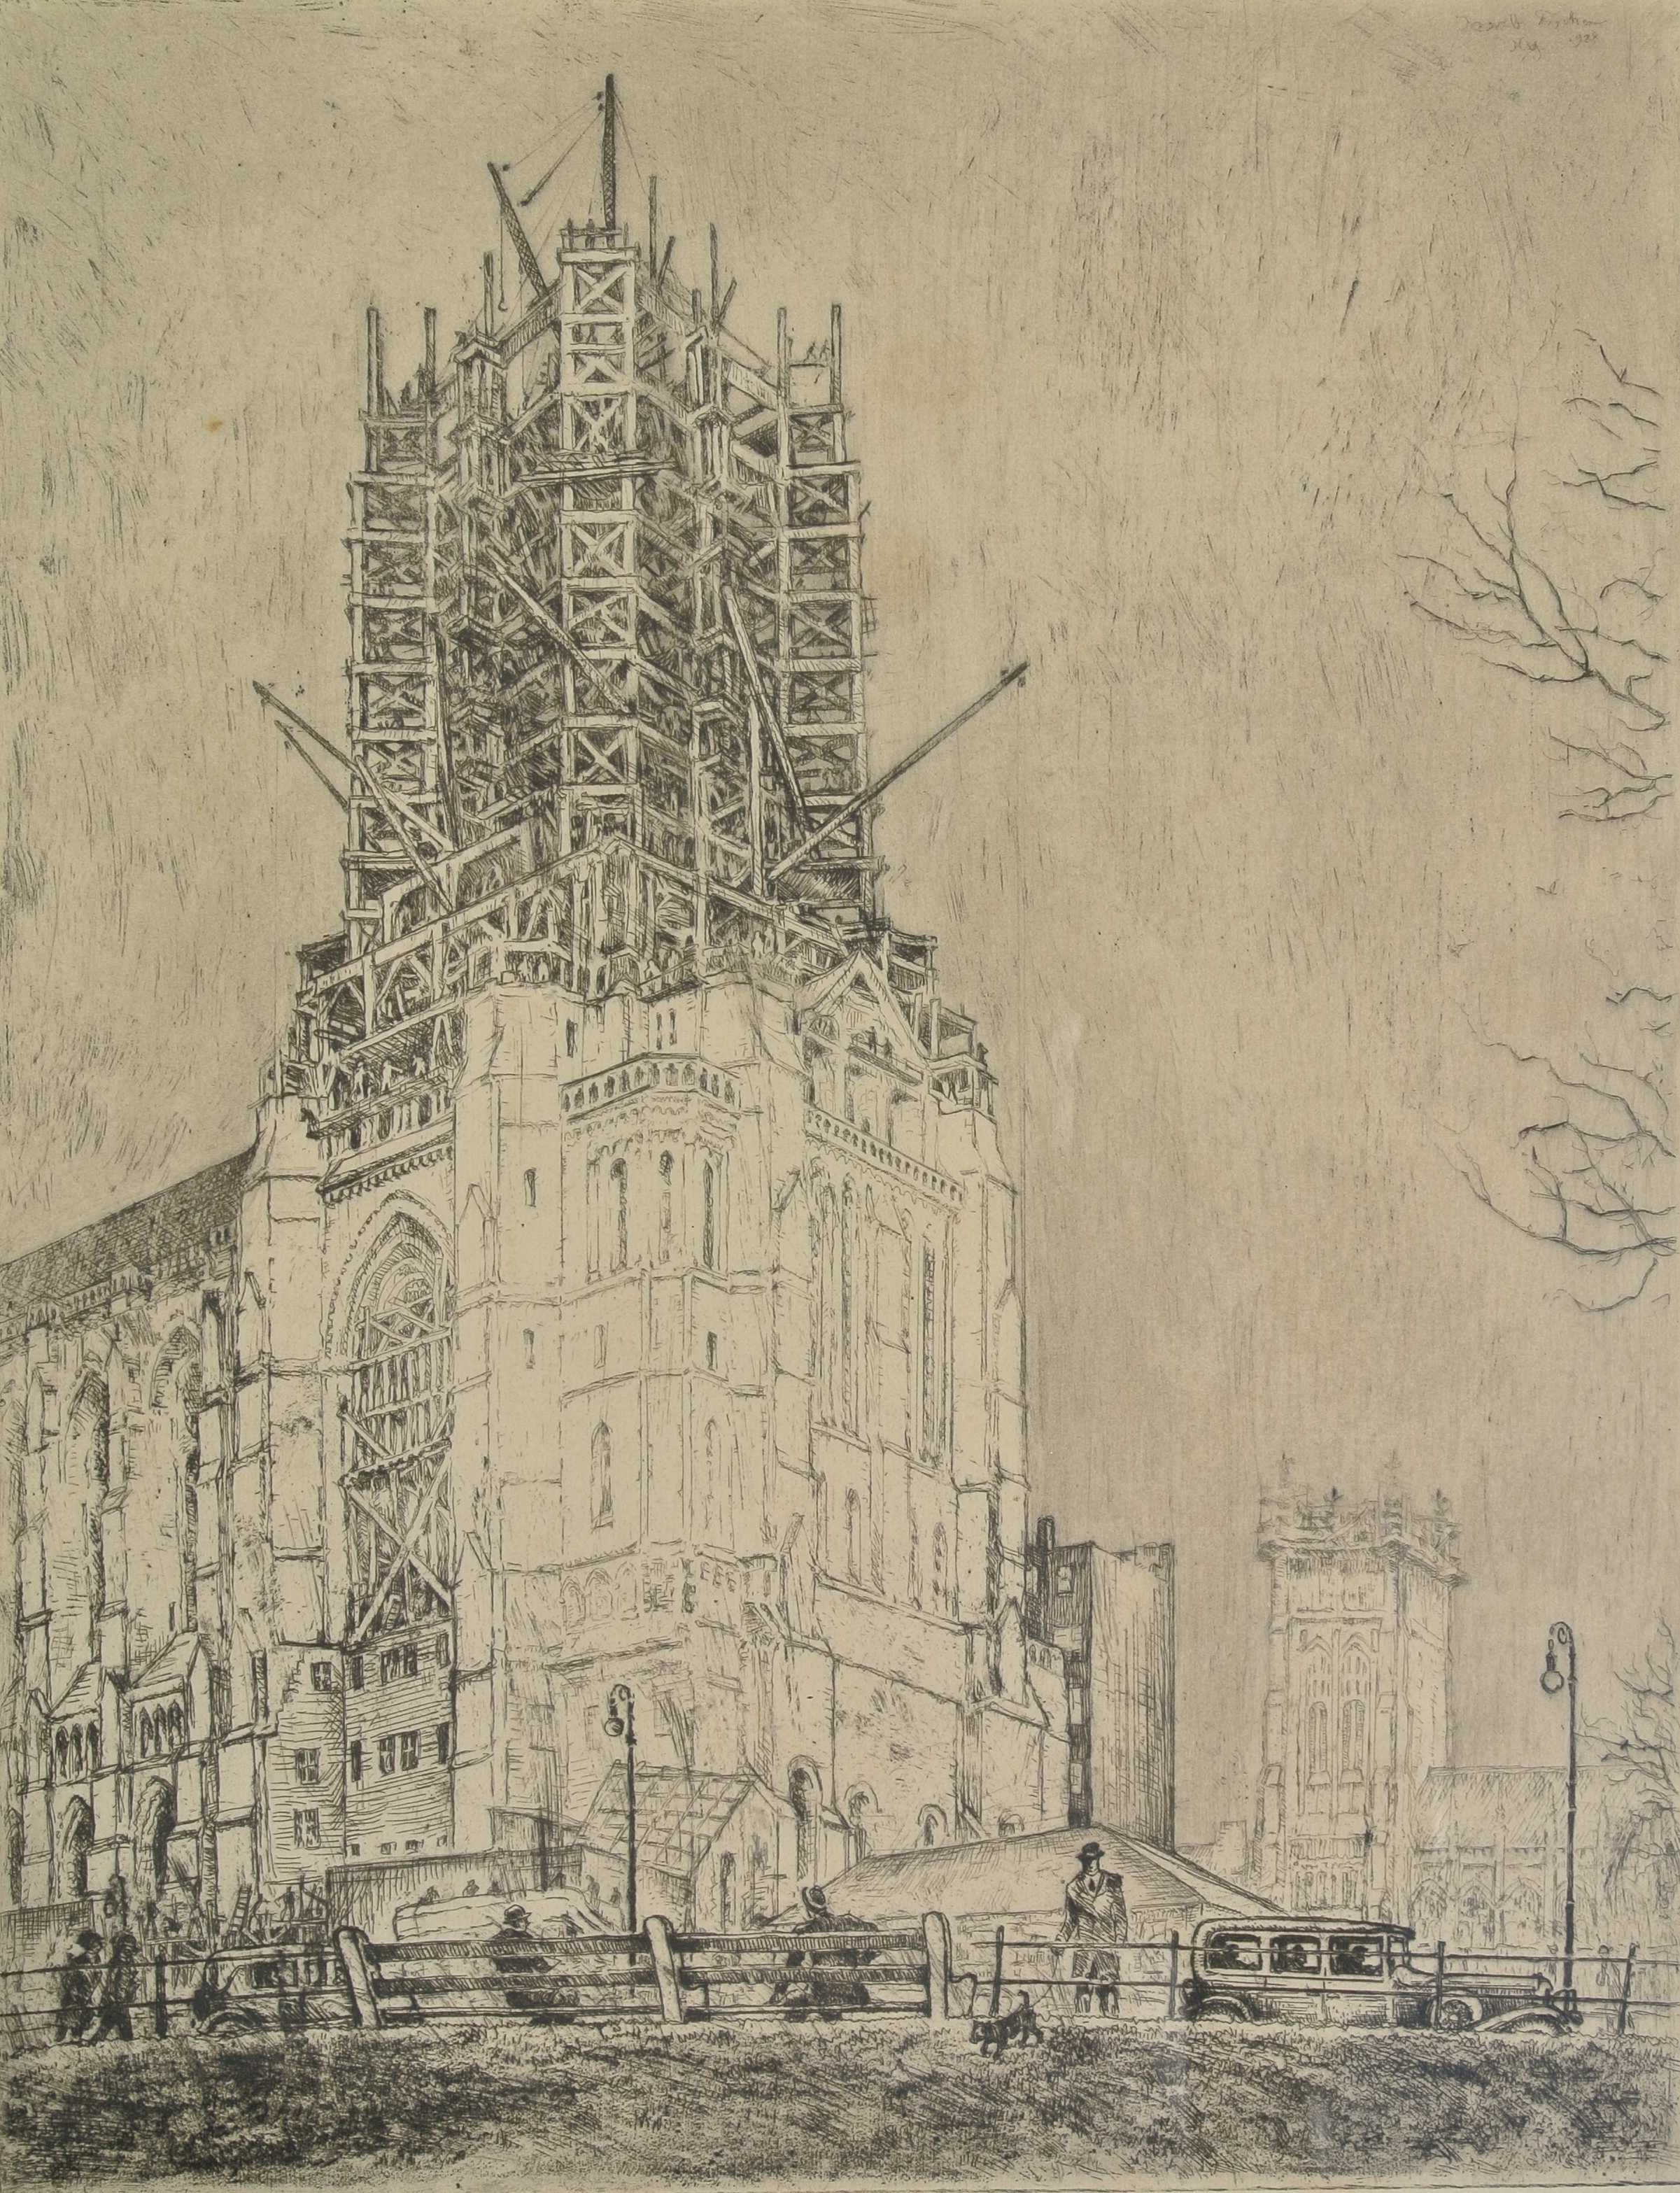 St. Patrick's Cathedral, New York, 1928, für vergrößerte Ansicht anklicken!